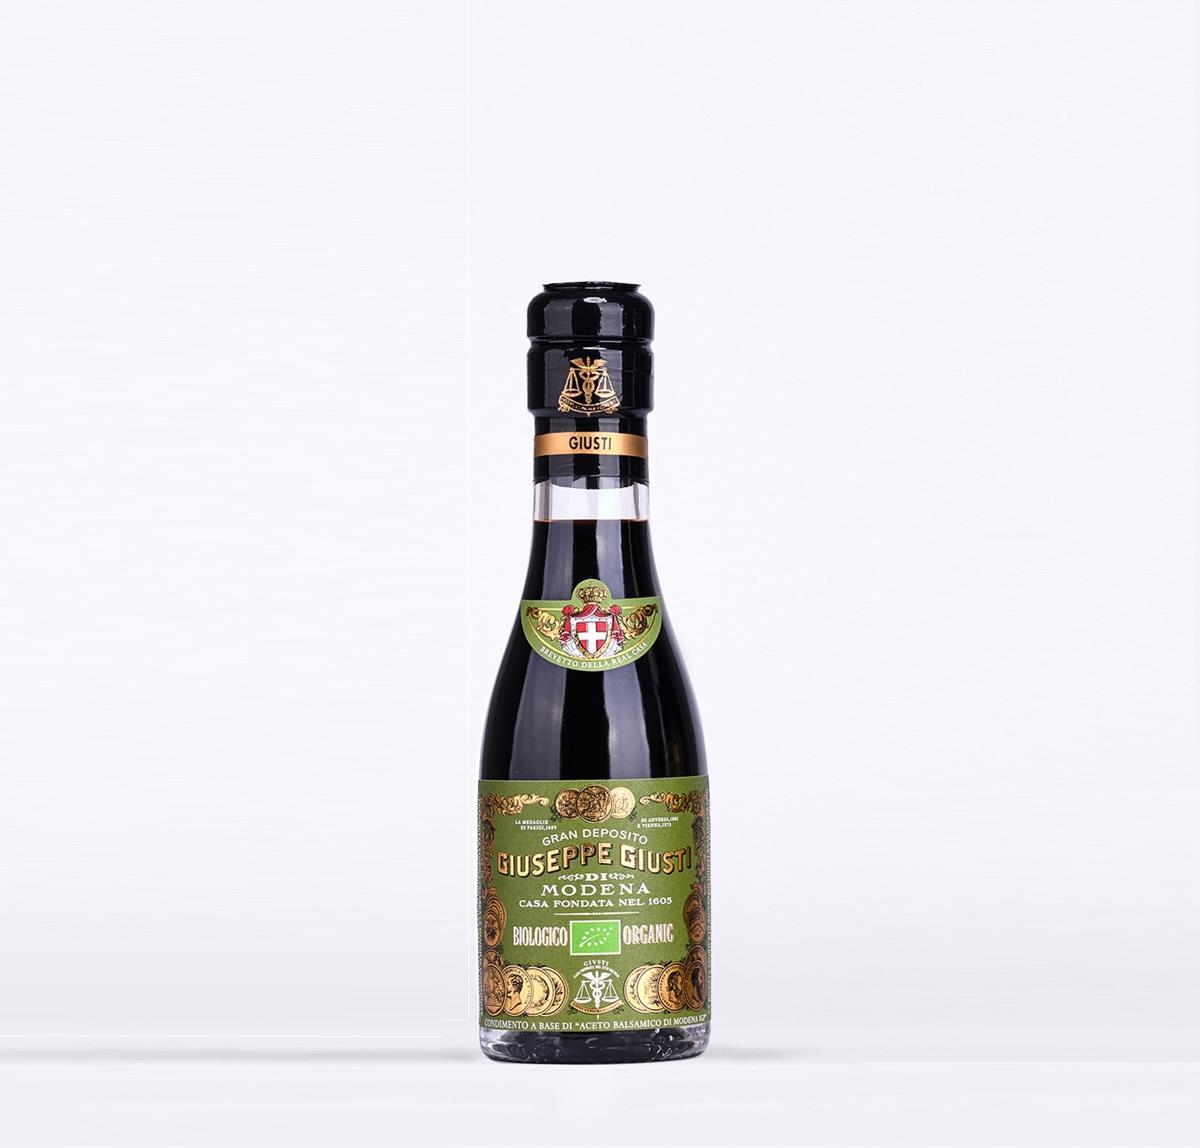 Aceto Balsamico di Modena IGP - Biologico 3 Medaglie d'Oro - Champagnottina da 100 ml